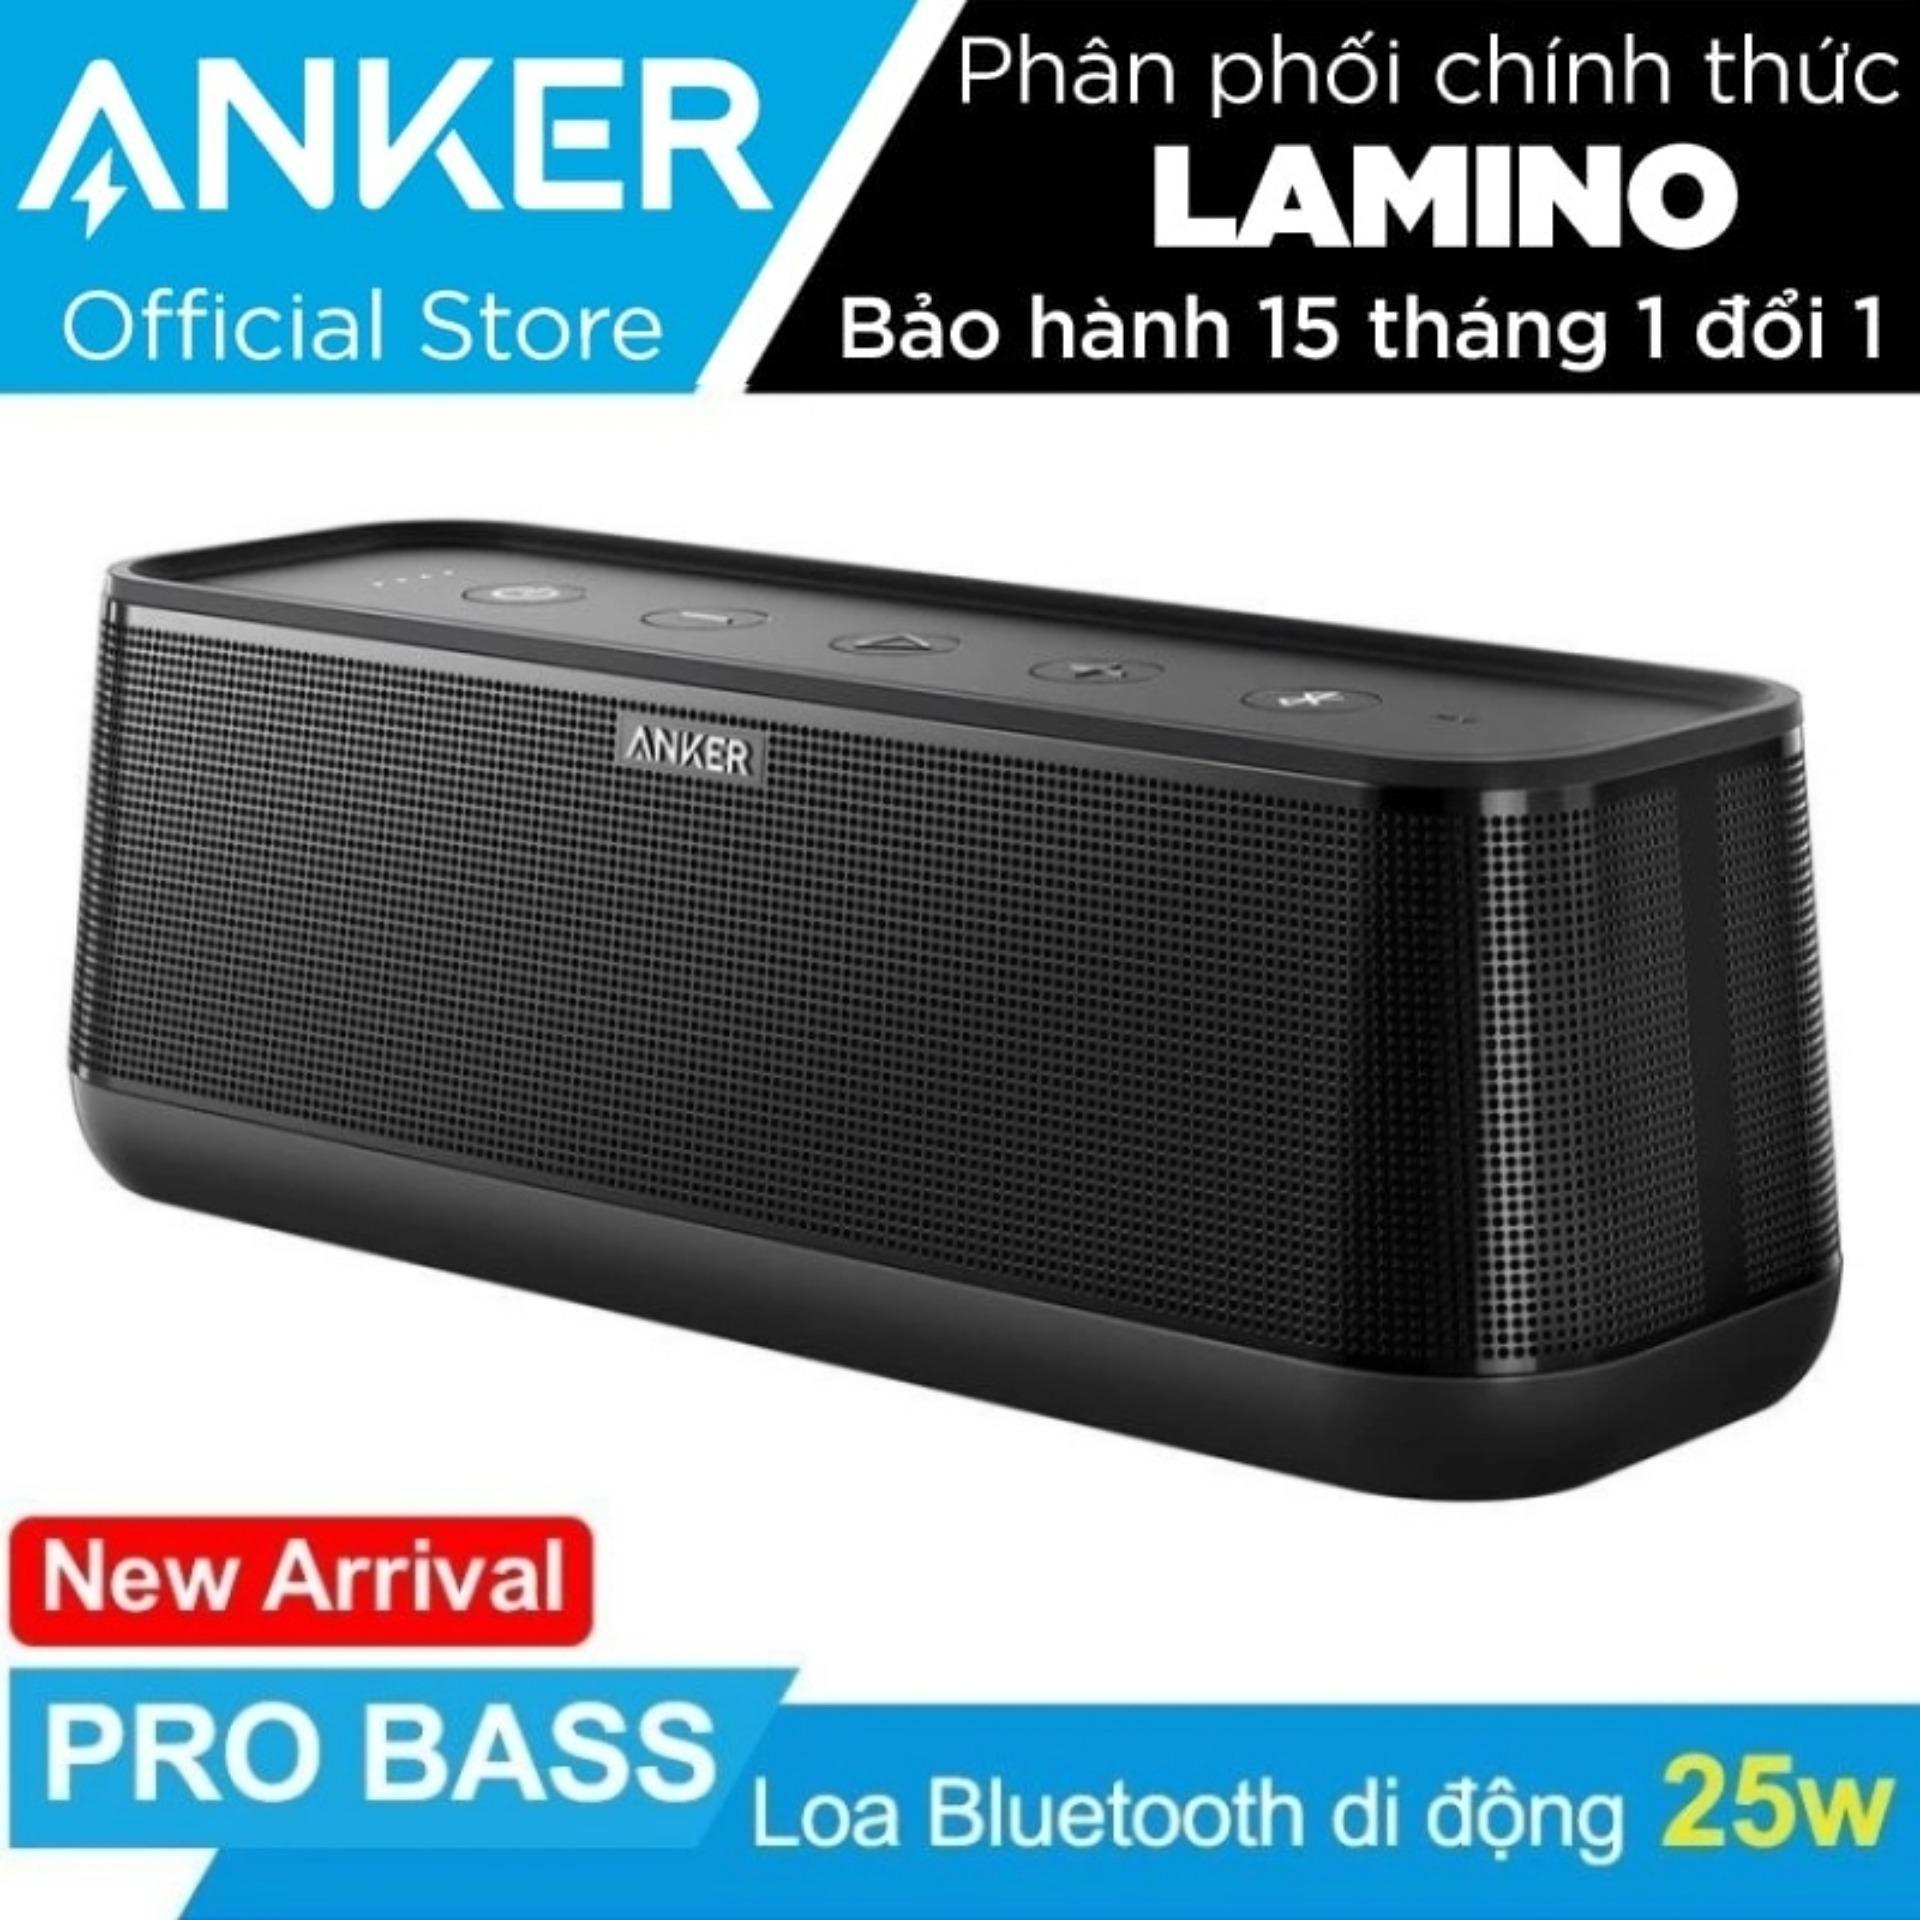 Giá Bán Loa Bluetooth Di Động Anker Soundcore Pro 25W Hang Phan Phối Chinh Thức Tốt Nhất